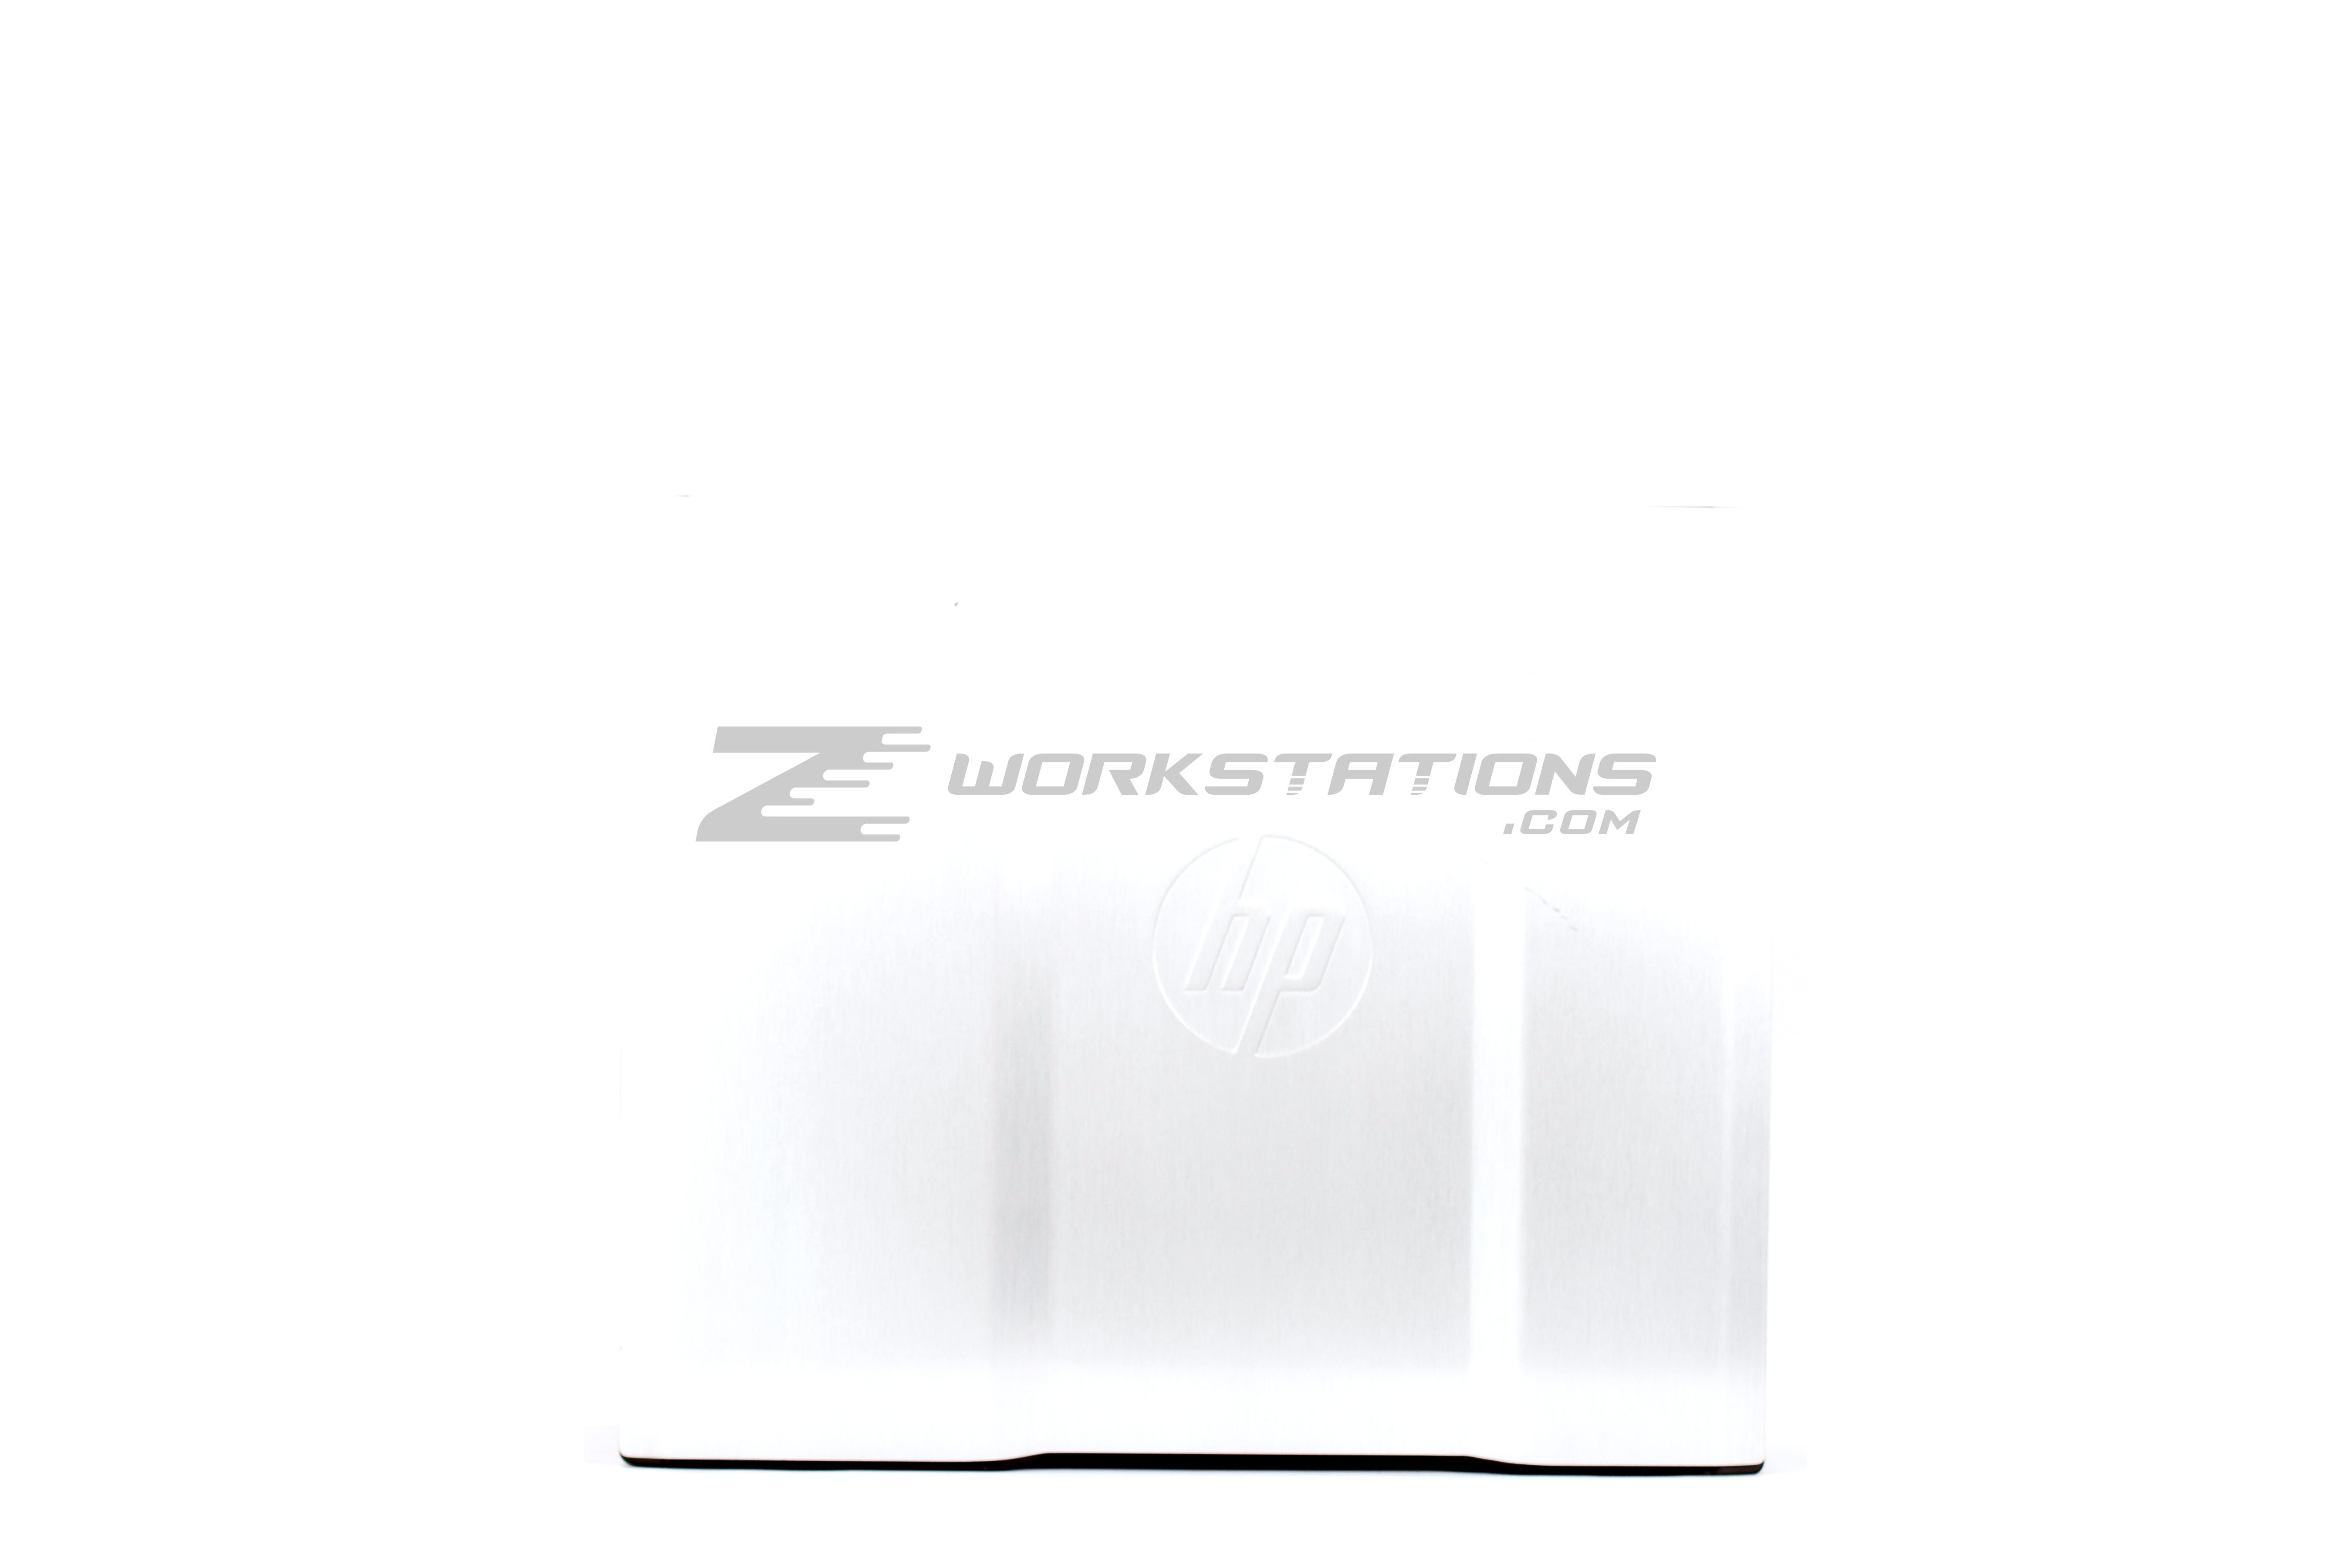 HP Z820 Workstation | ZWorkstations com